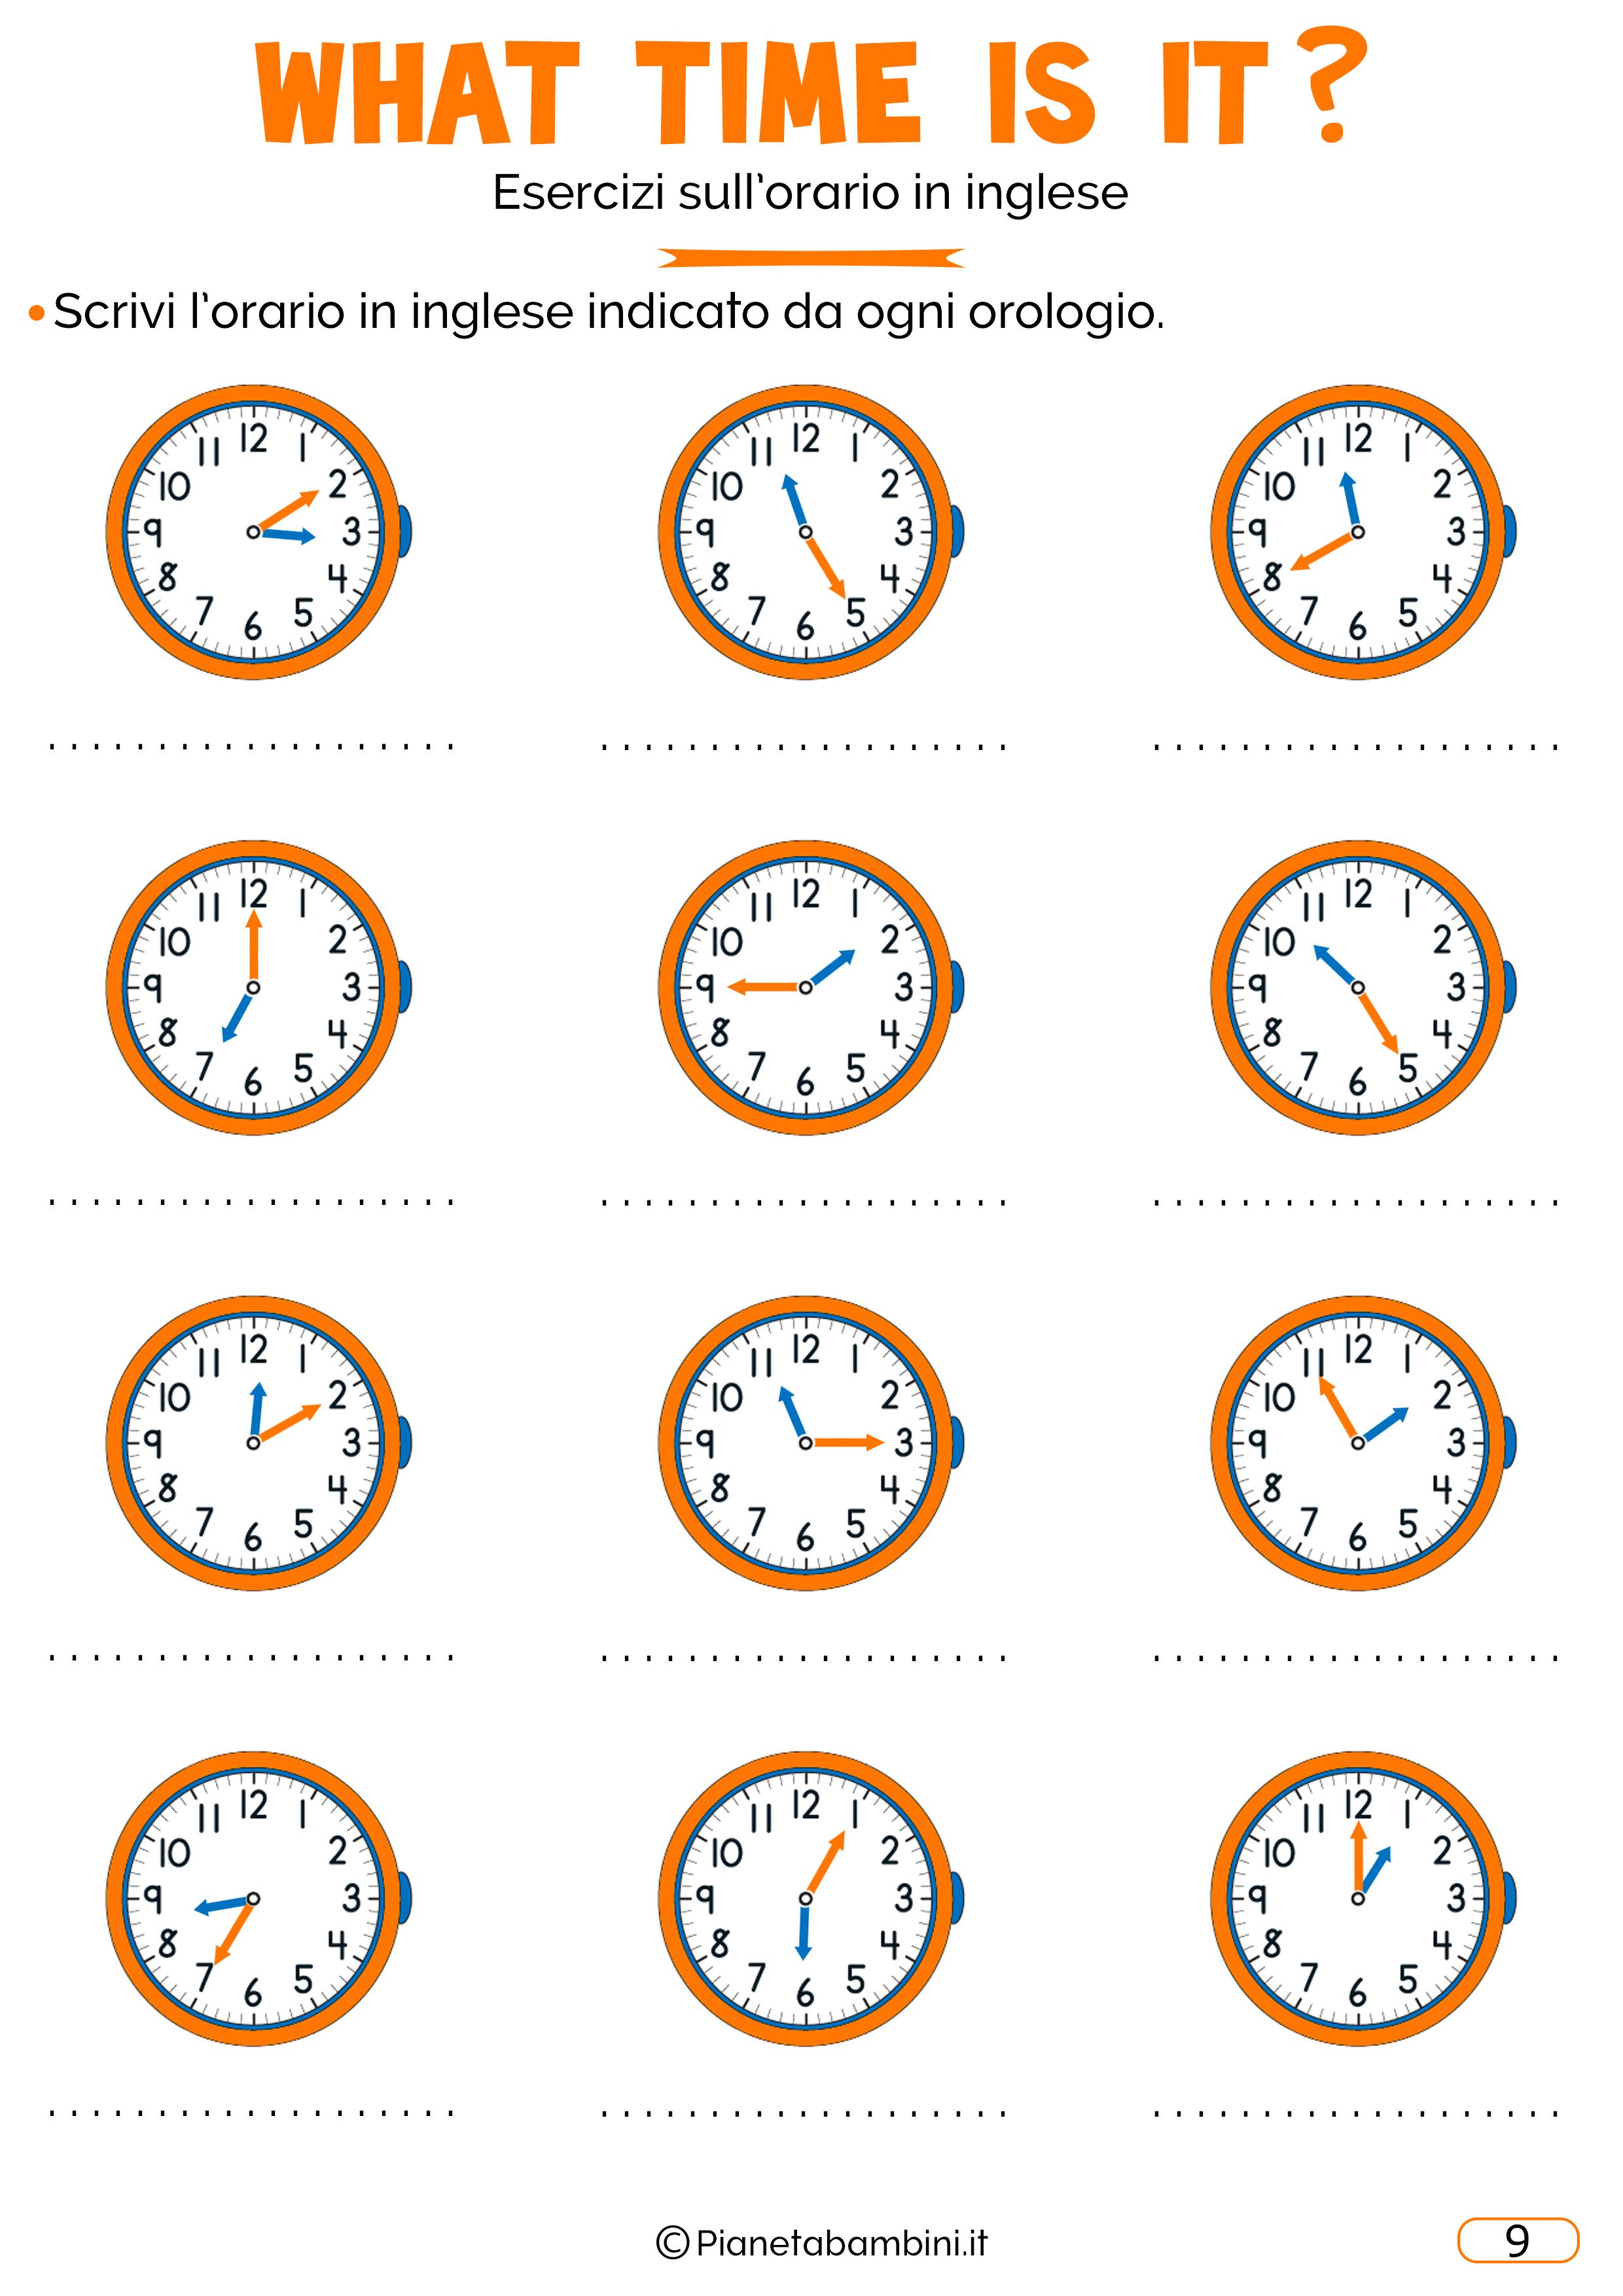 Scheda didattica sull'orario in inglese 09